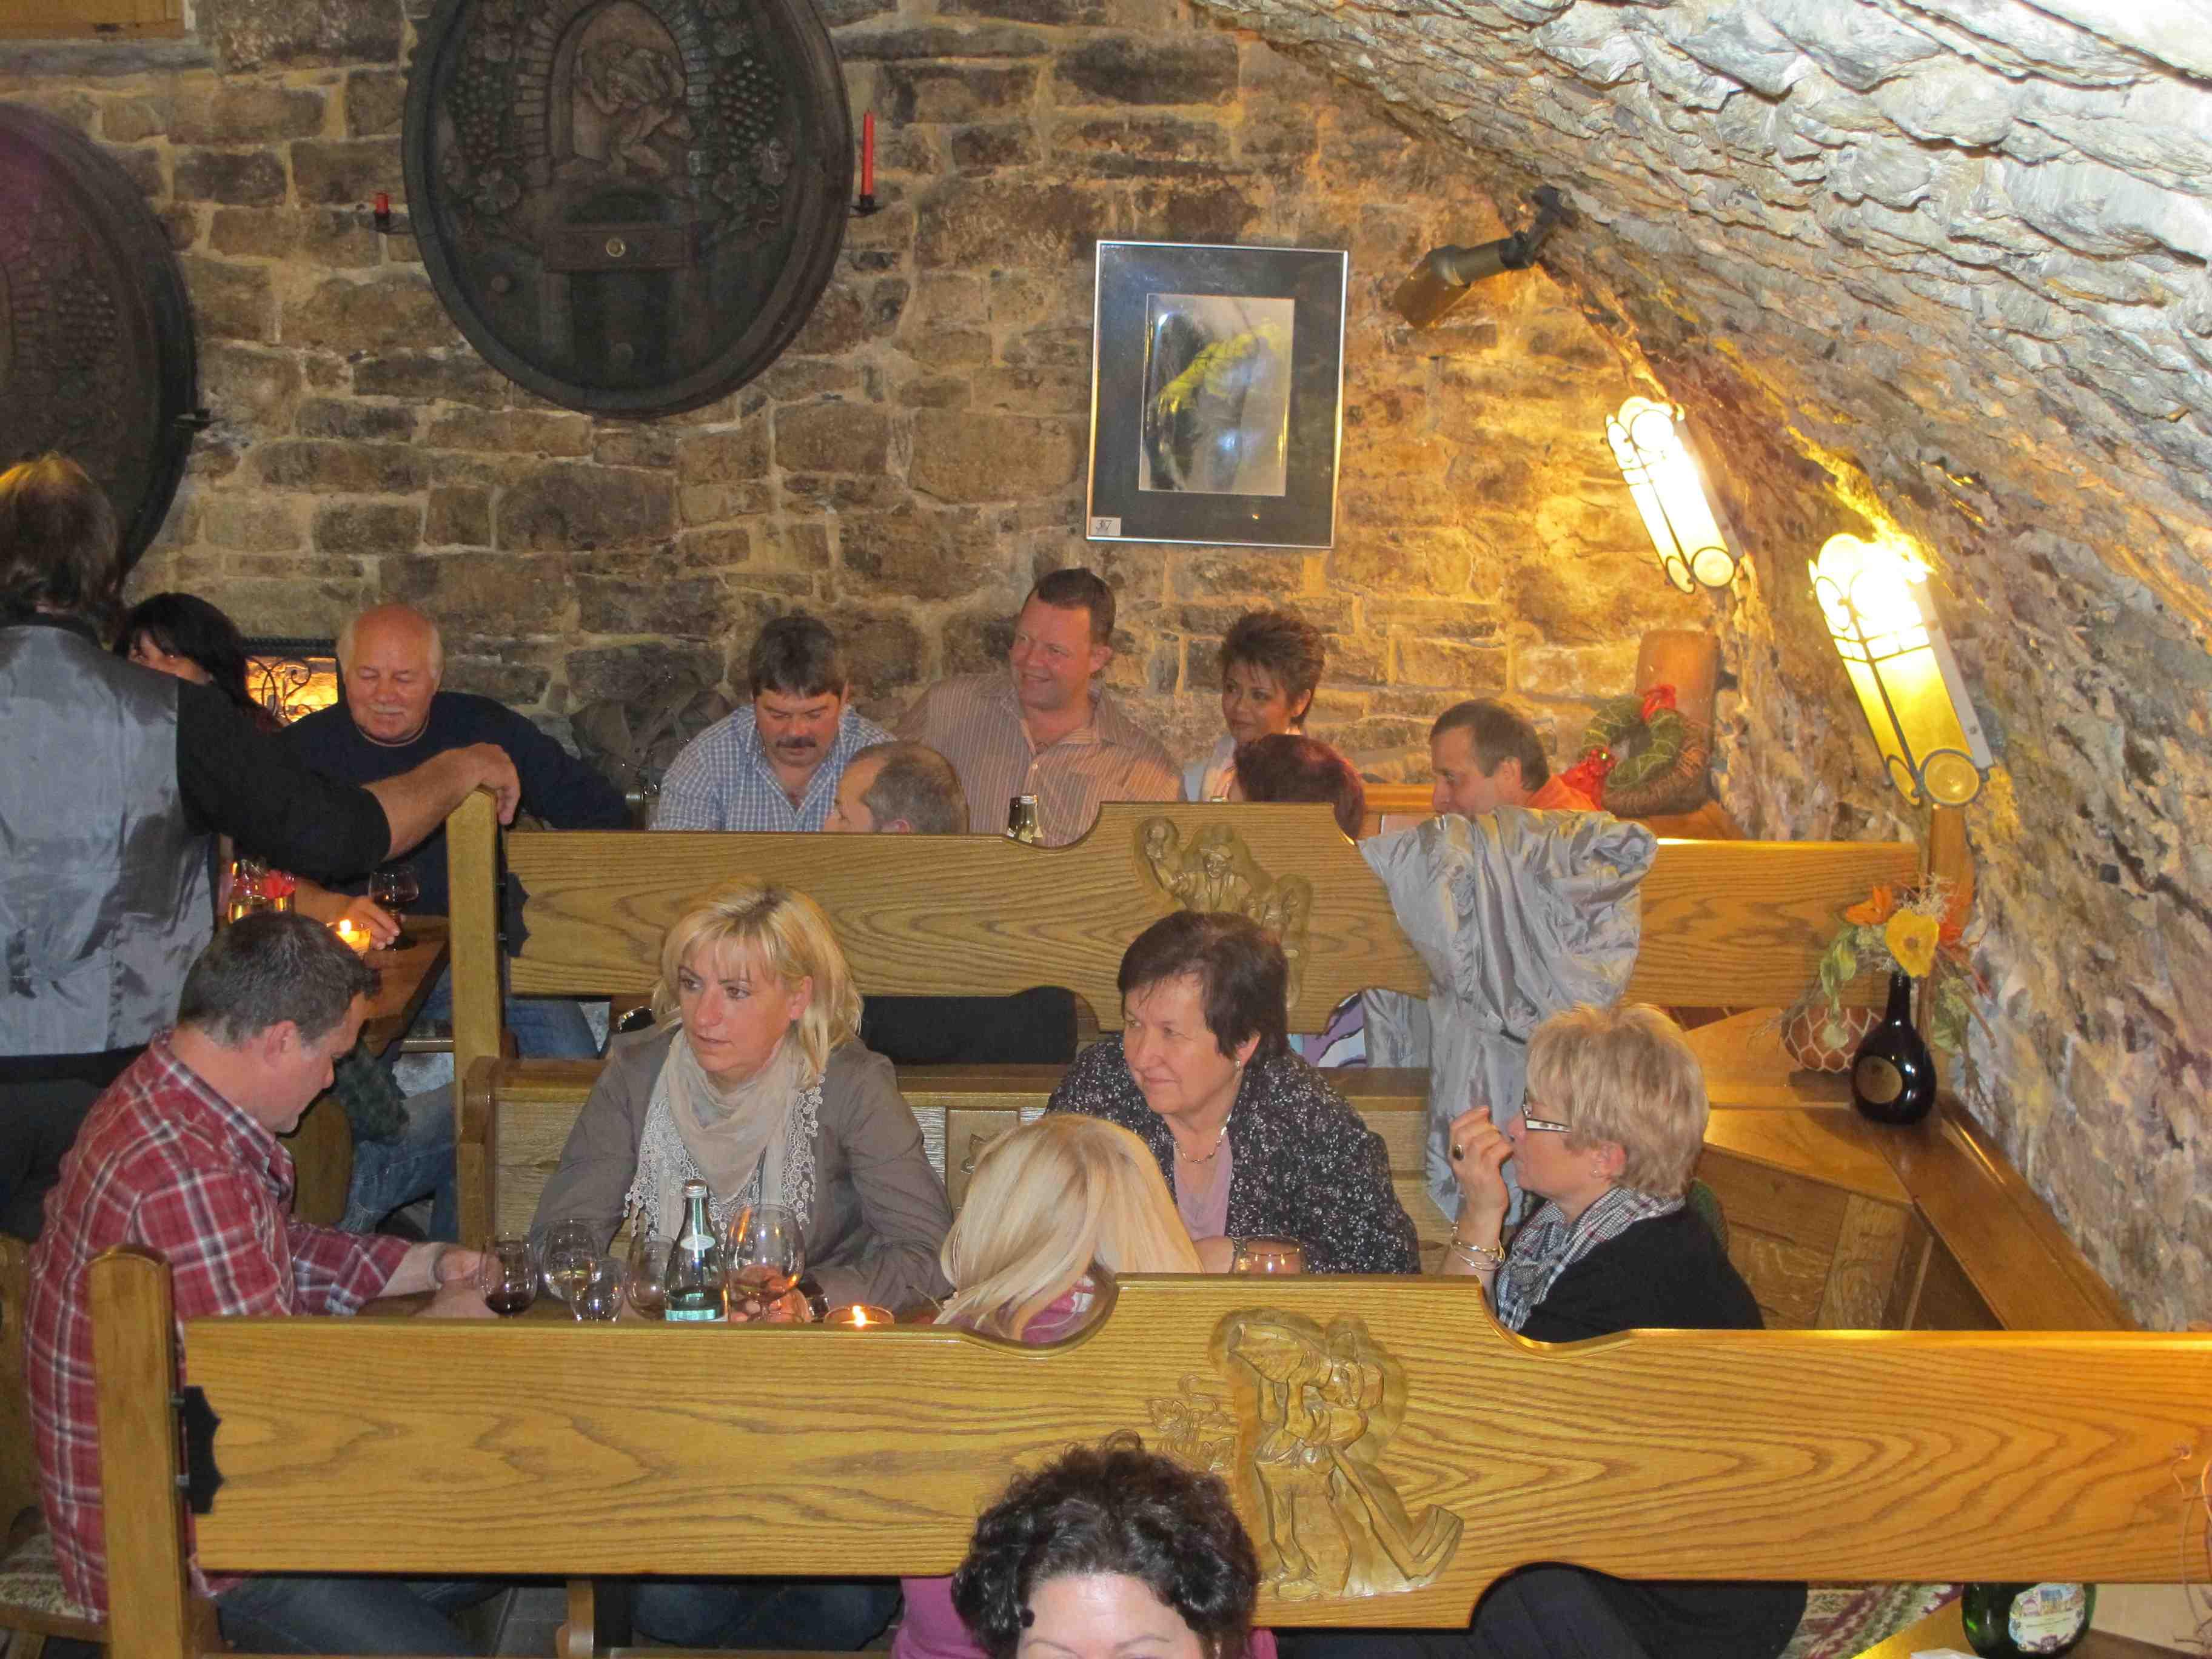 http://www.bacchuskeller.net/media/images/gallery/bacchuskeller/Feierlichkeiten_4.jpg